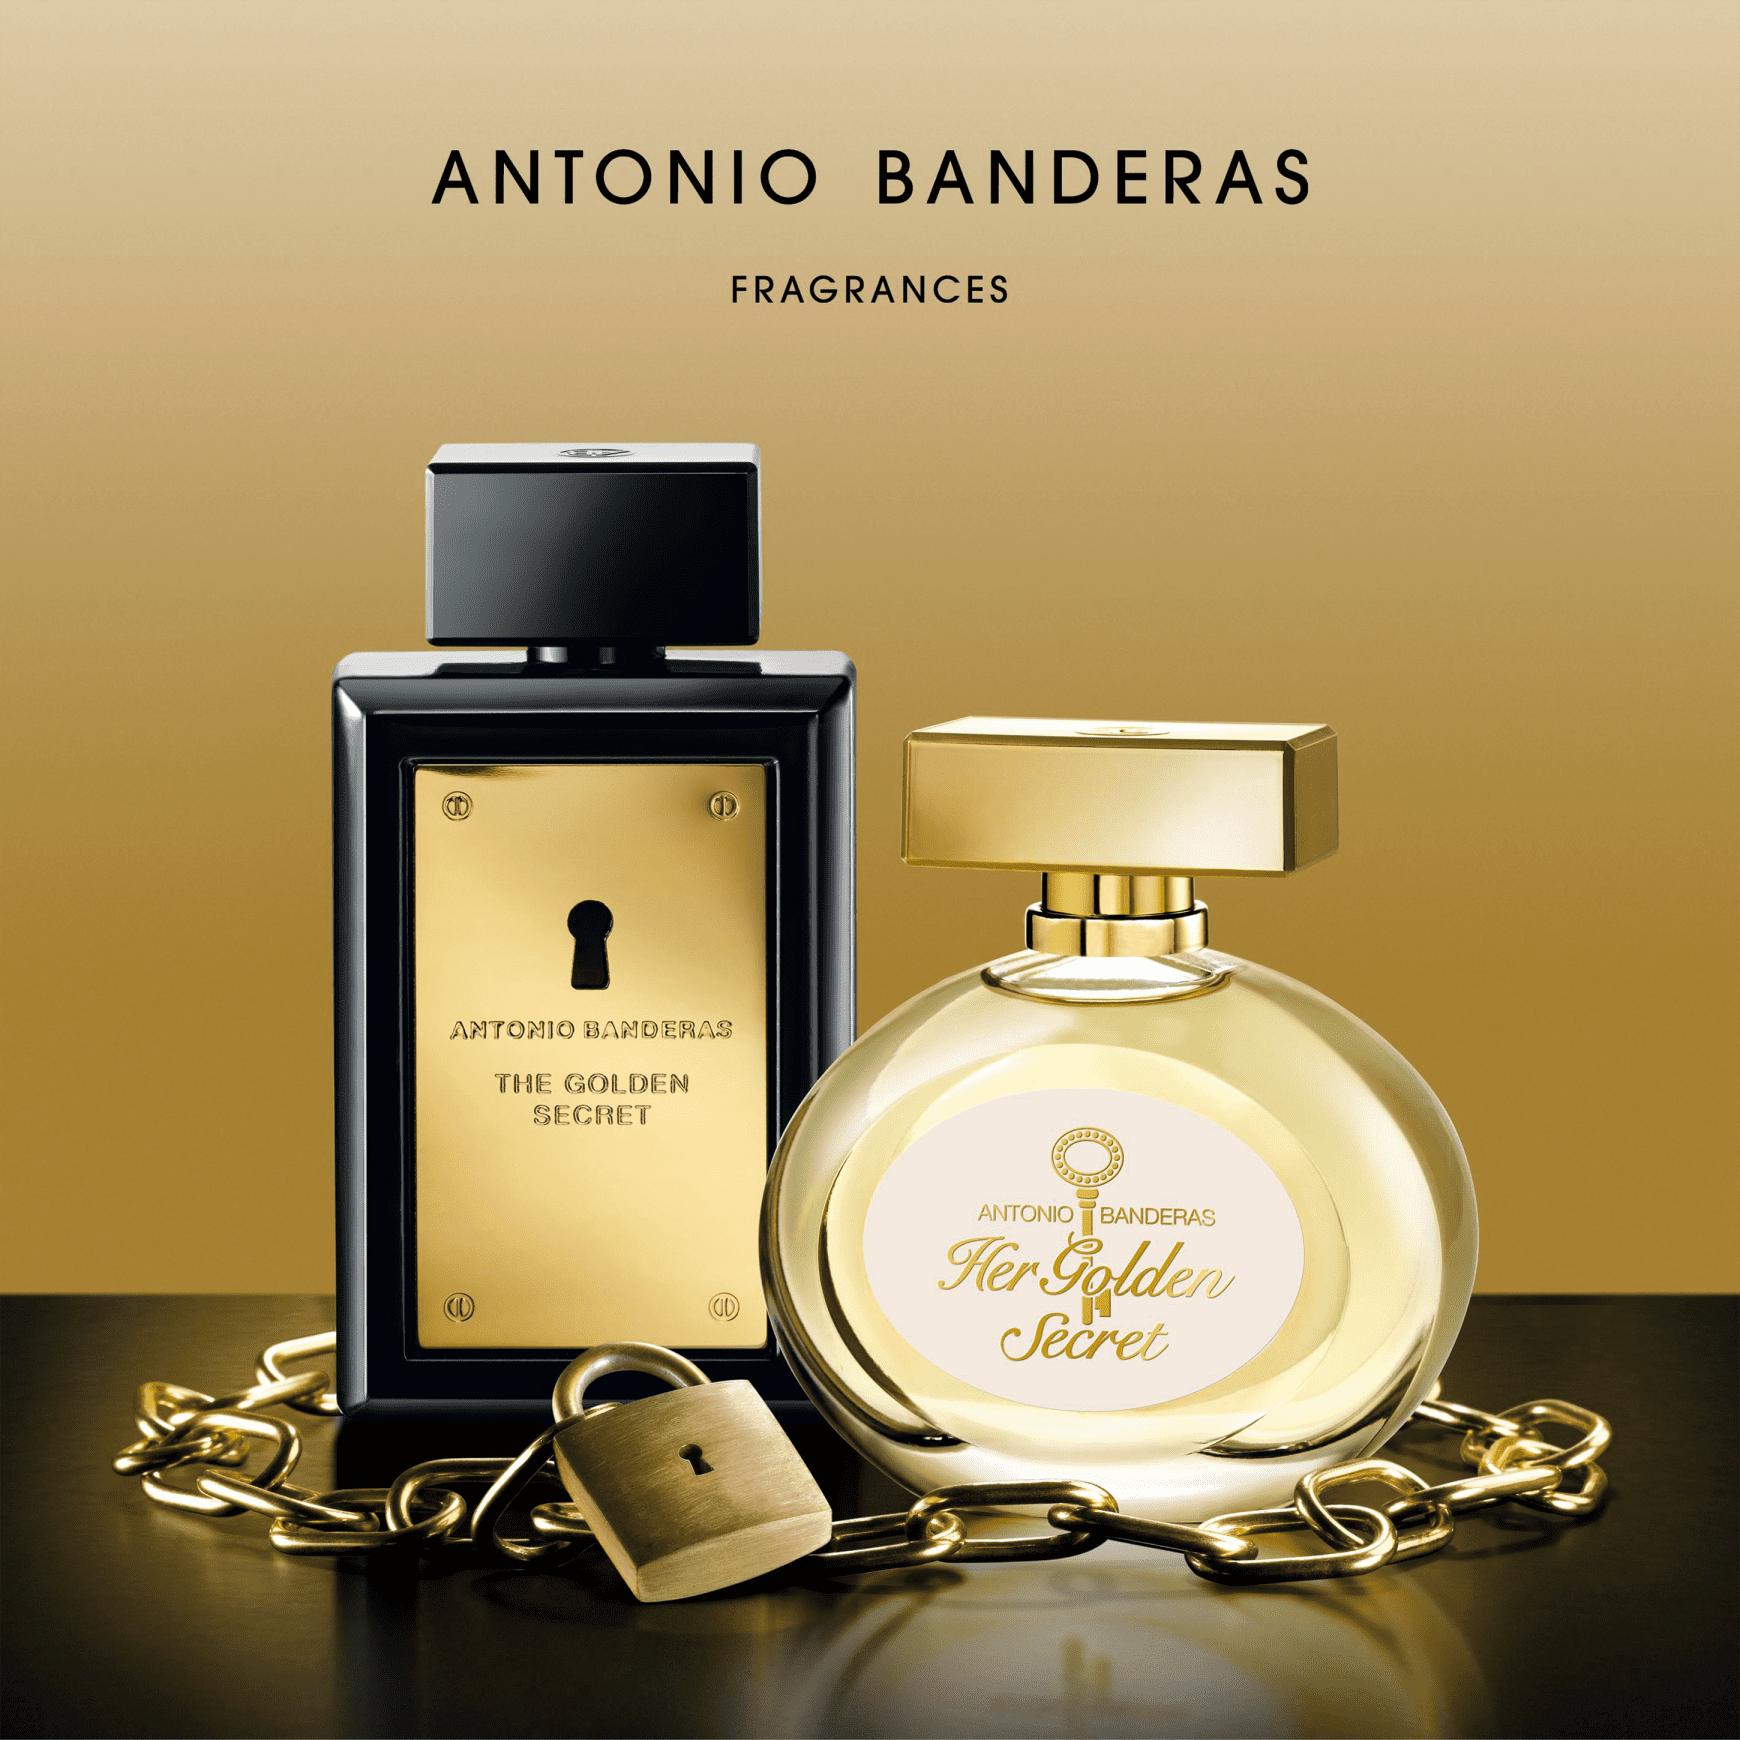 4d1fa7f0e6 The Golden Secret Antonio Banderas Eau de Toilette - Perfume Masculino 50ml